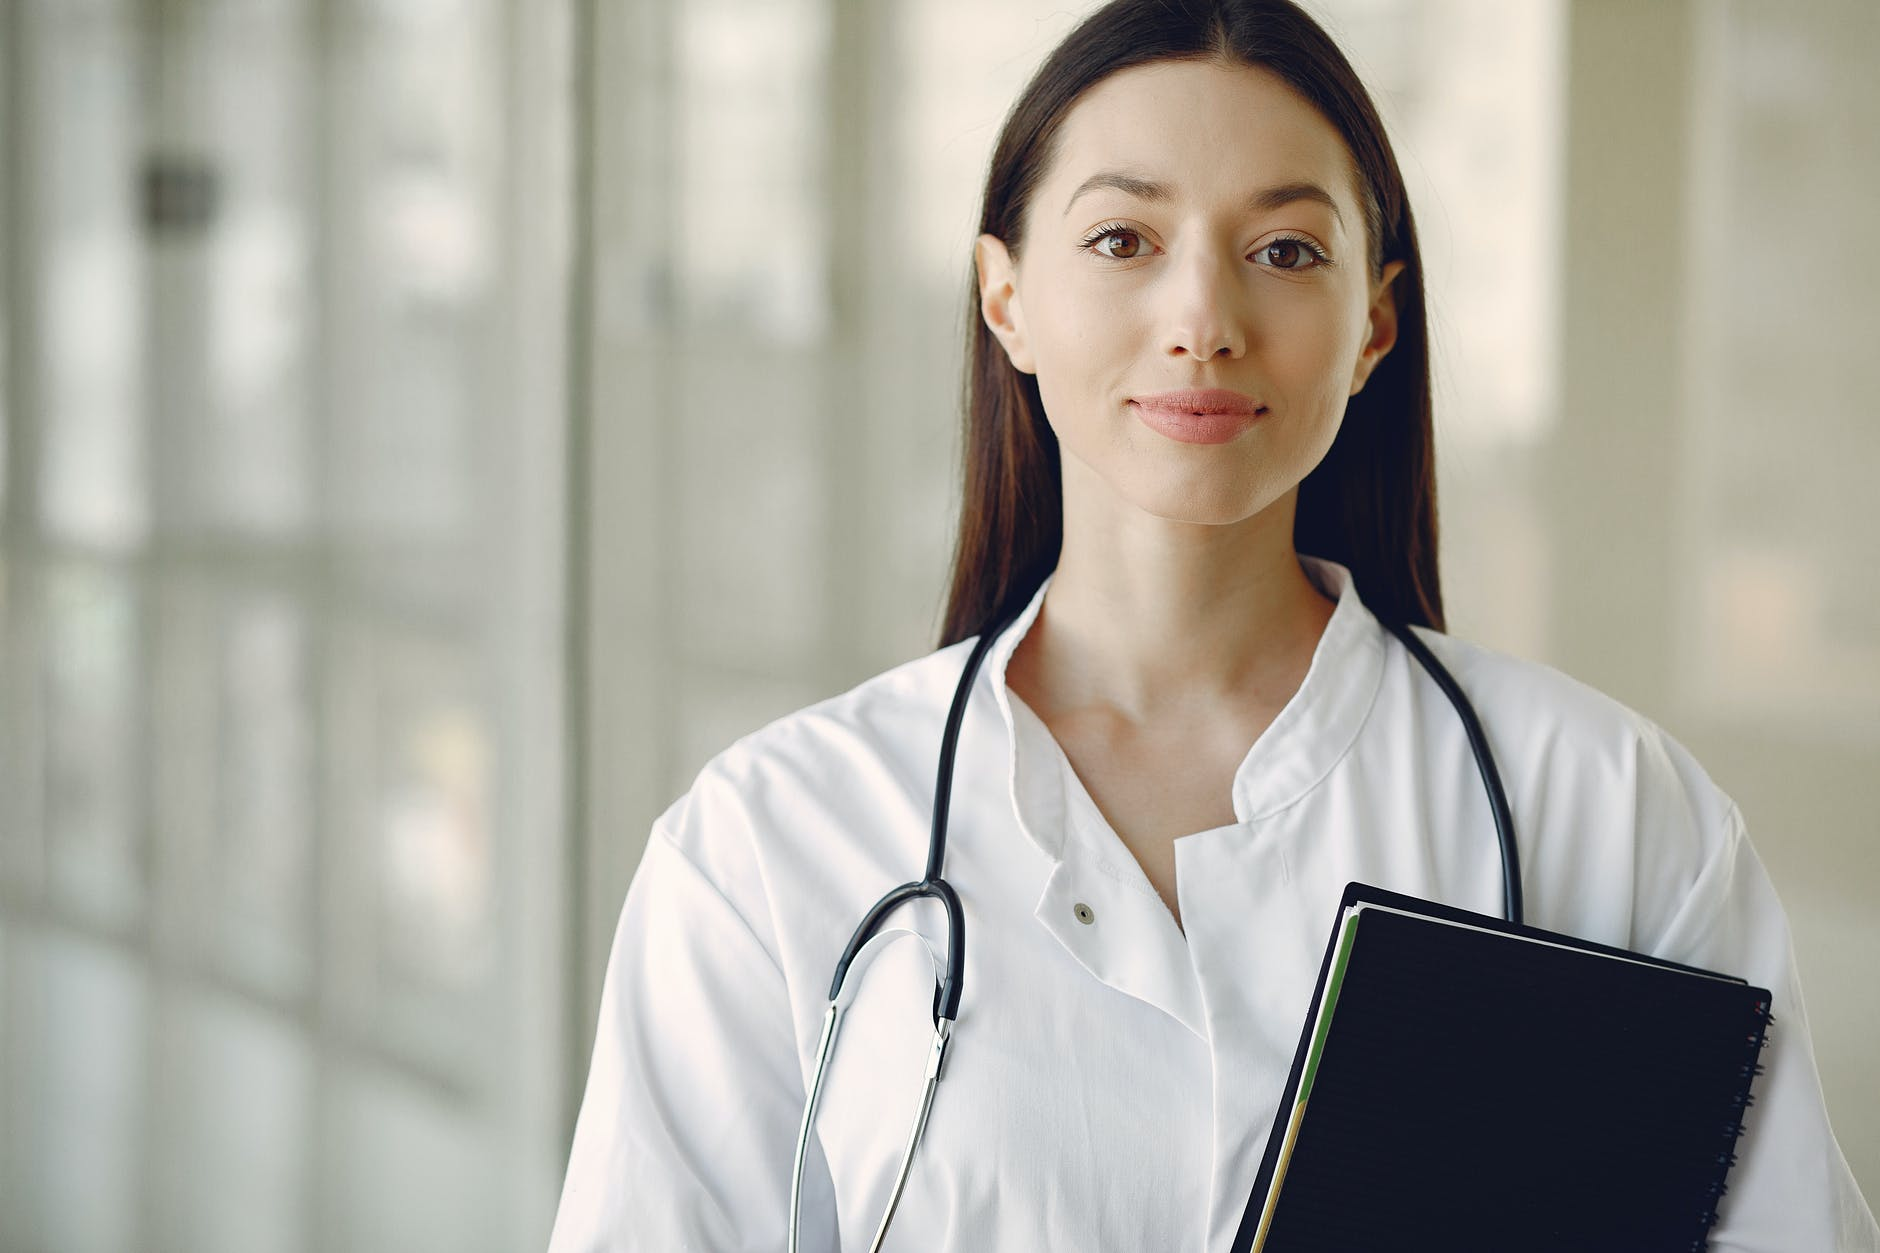 Médico para tratar la dismenorrea